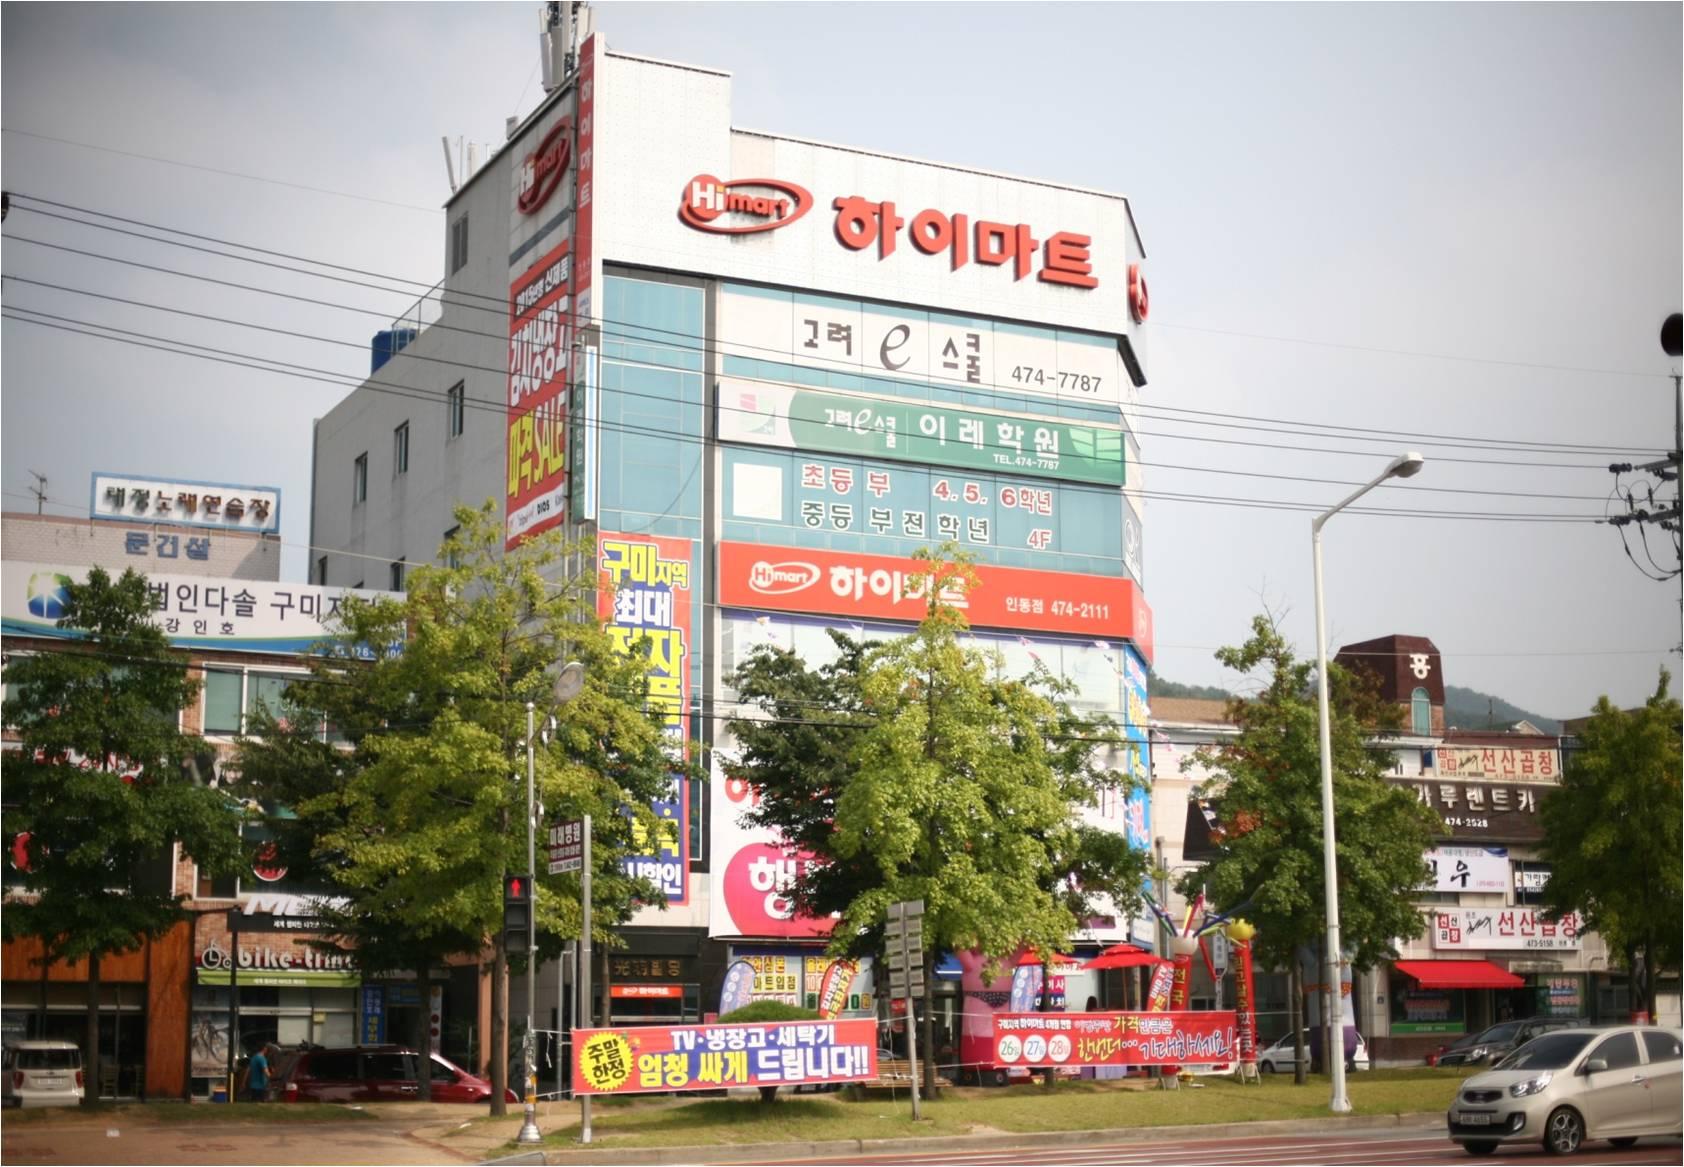 Lotte Hi-mart – Indong Branch (롯데 하이마트 (인동점))